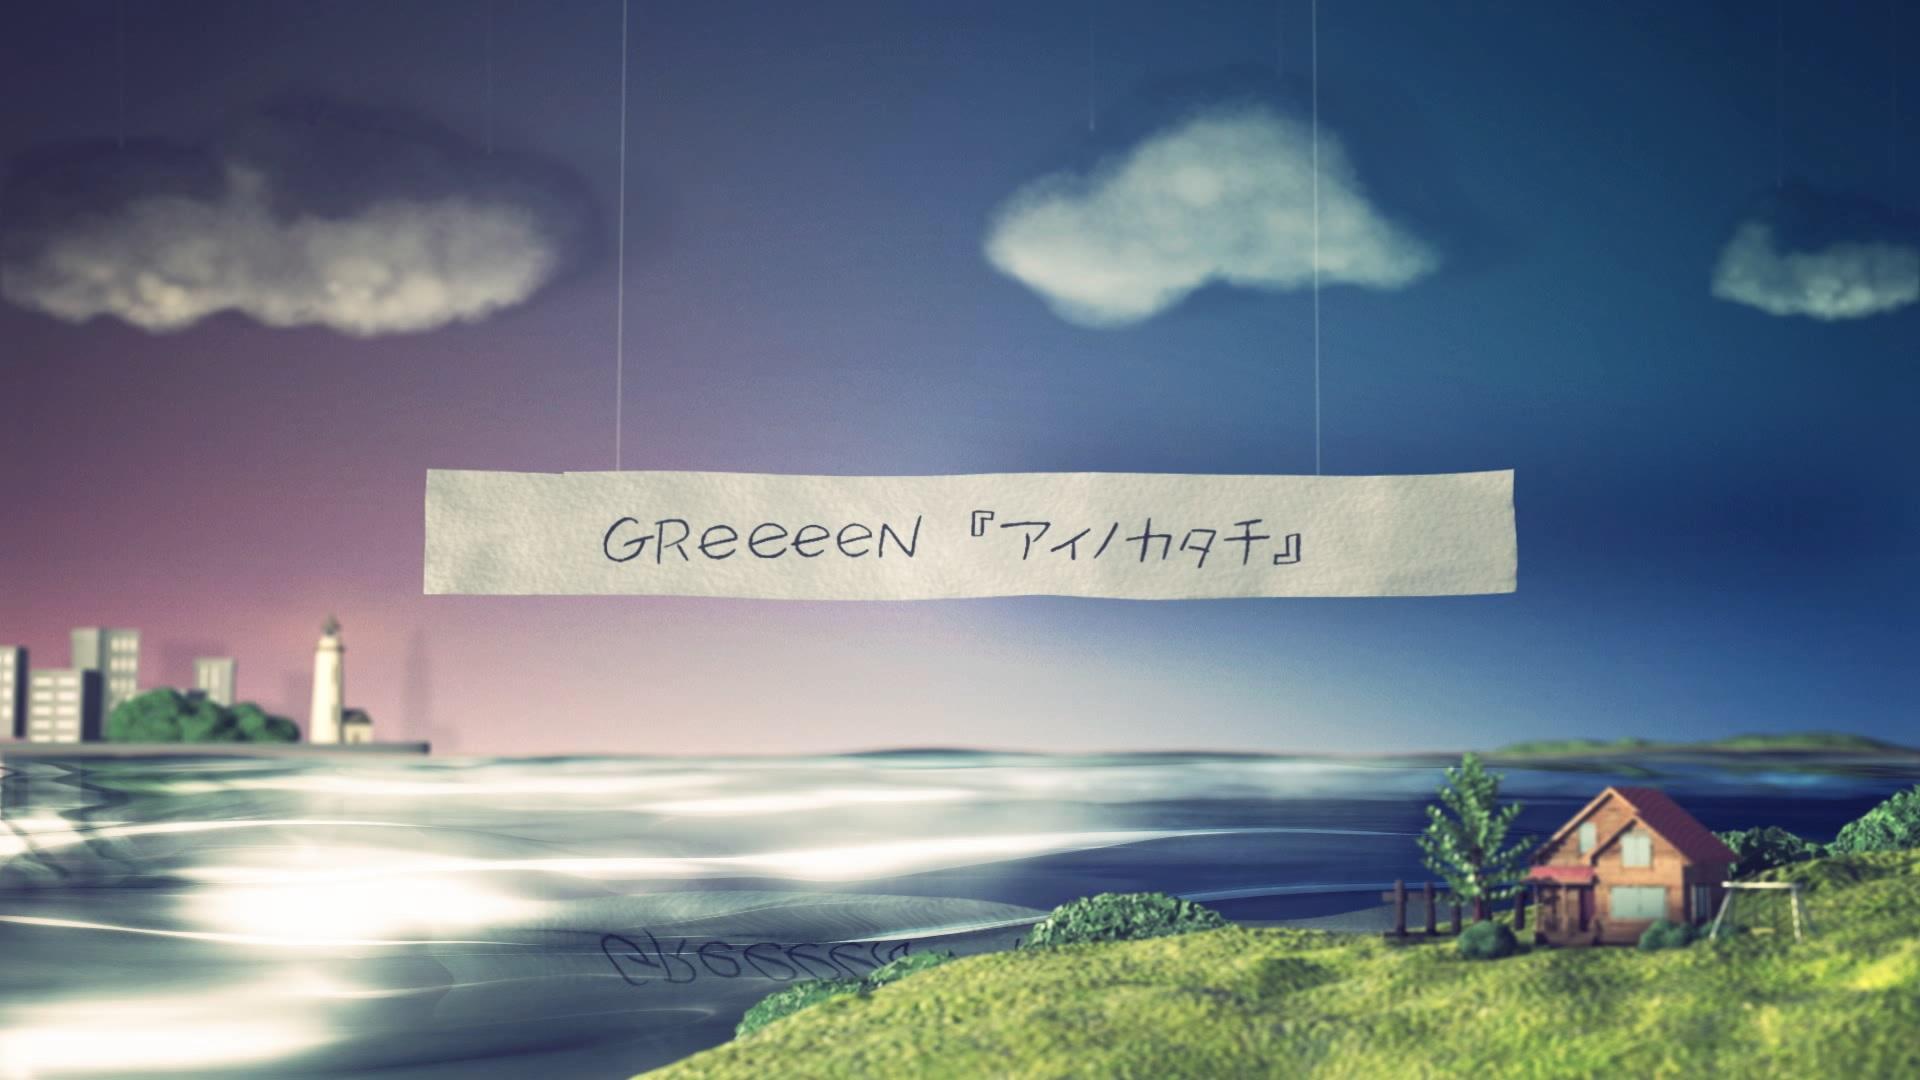 GReeeeNセルフカバーに感動の声が続々! 「アイノカタチ」ミュージックビデオ急遽公開